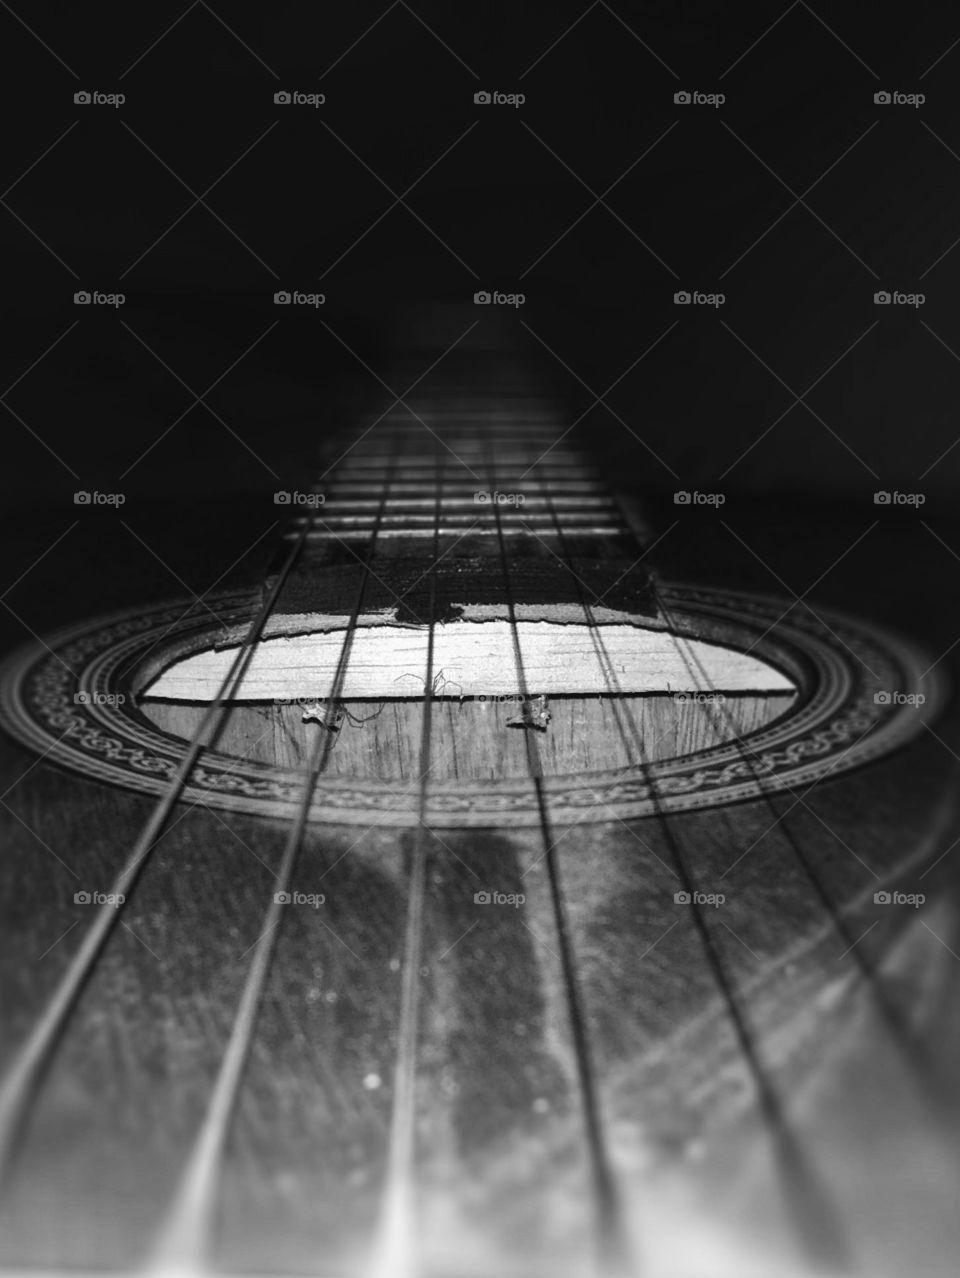 Guitar, Instrument, Music, Sound, Monochrome